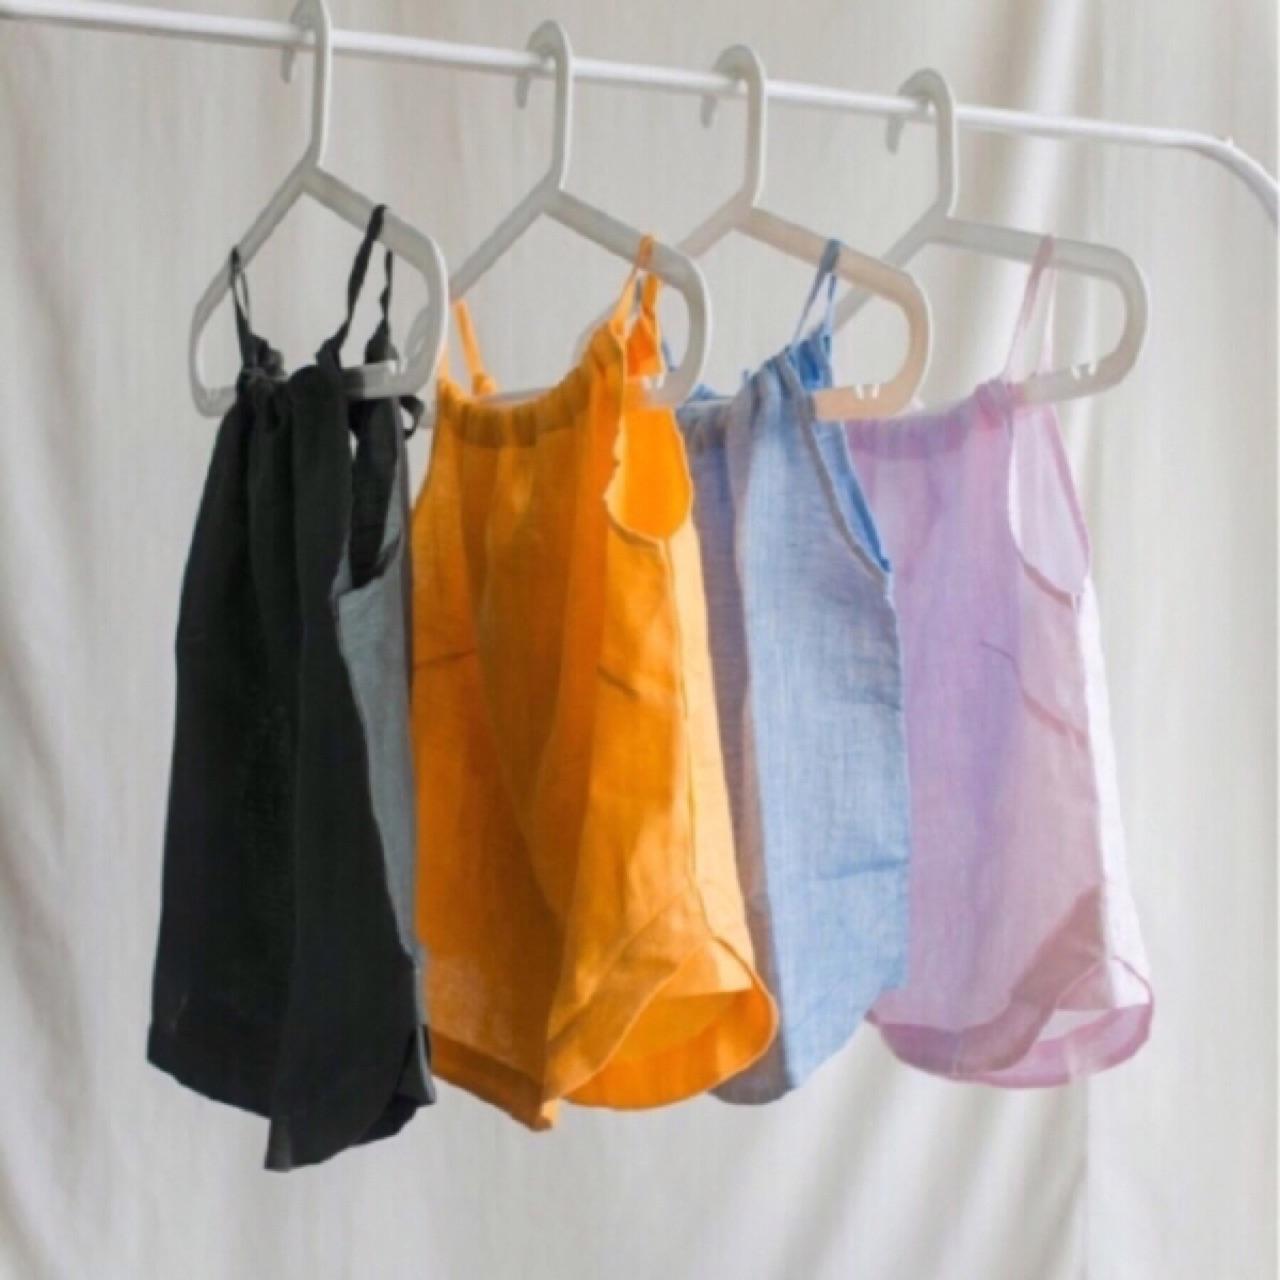 เสื้อผ้าผู้หญิง,เสื้อผู้หญิง,เสื้อสายเดี่ยว,สายเดี่ยว